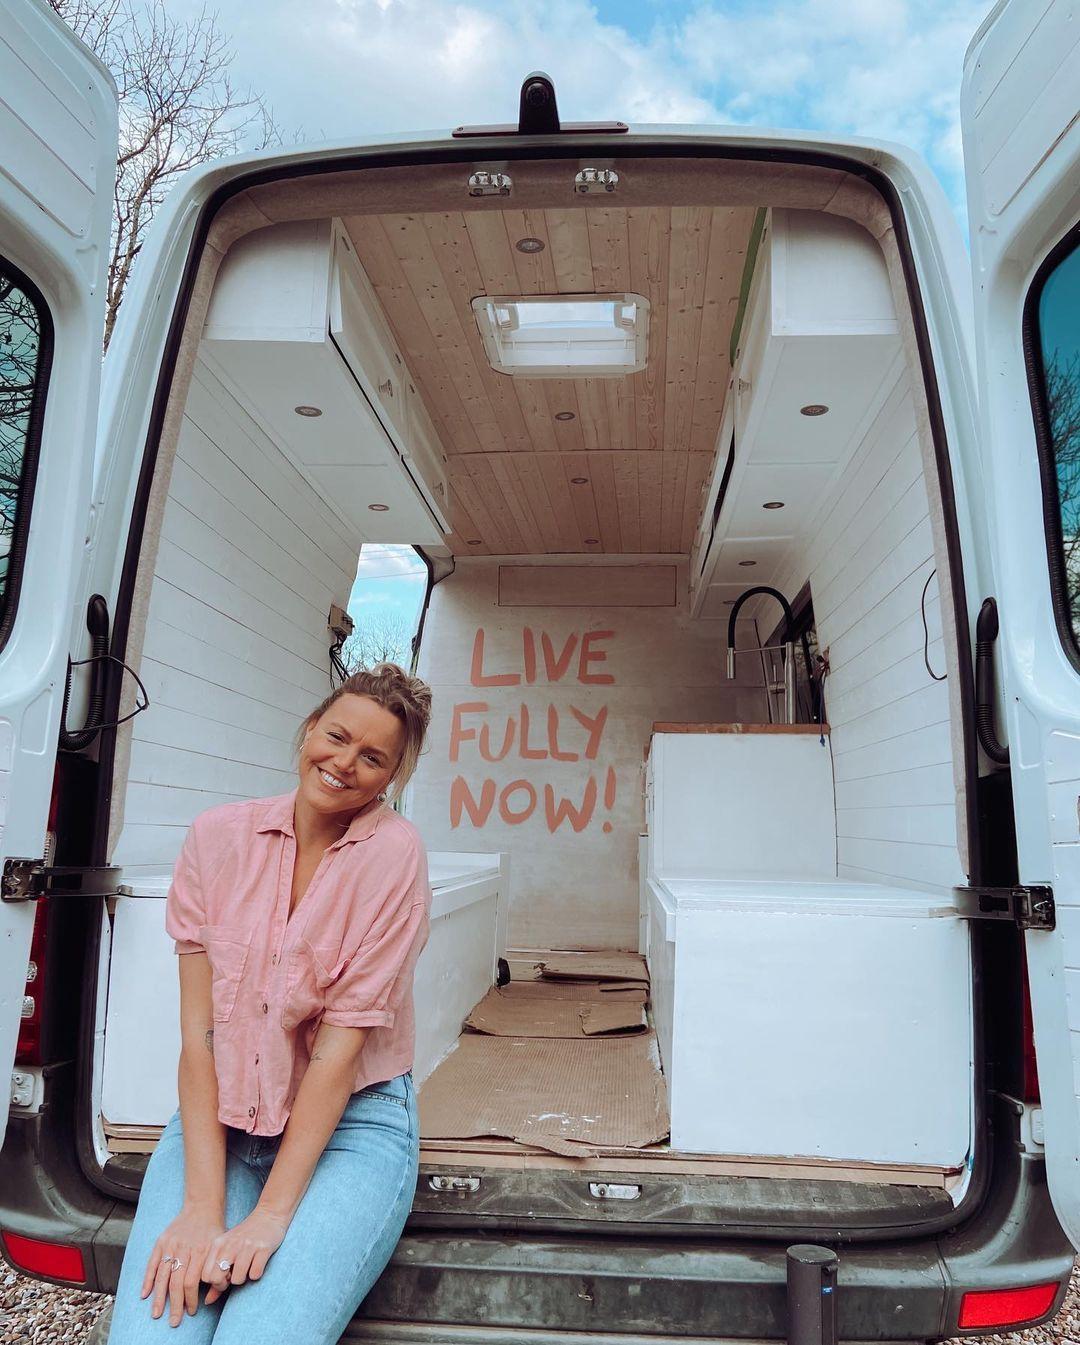 Covid-19 kapamasıyla işleri altüst olan kadının hayatı değişti! 48 bin TL kazandı